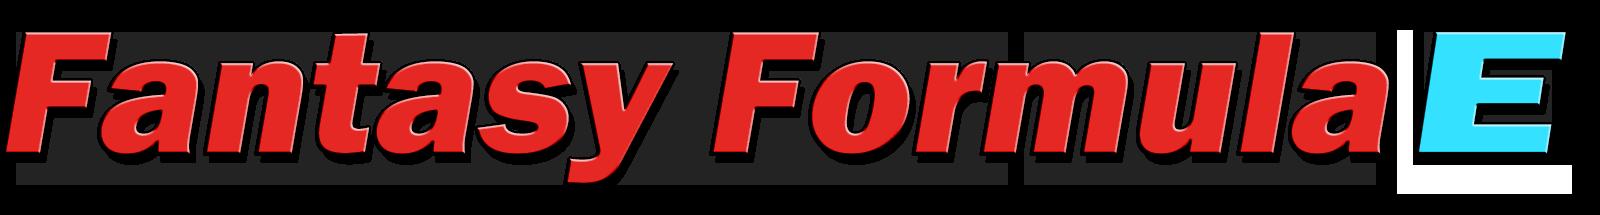 Fantasy Formula E